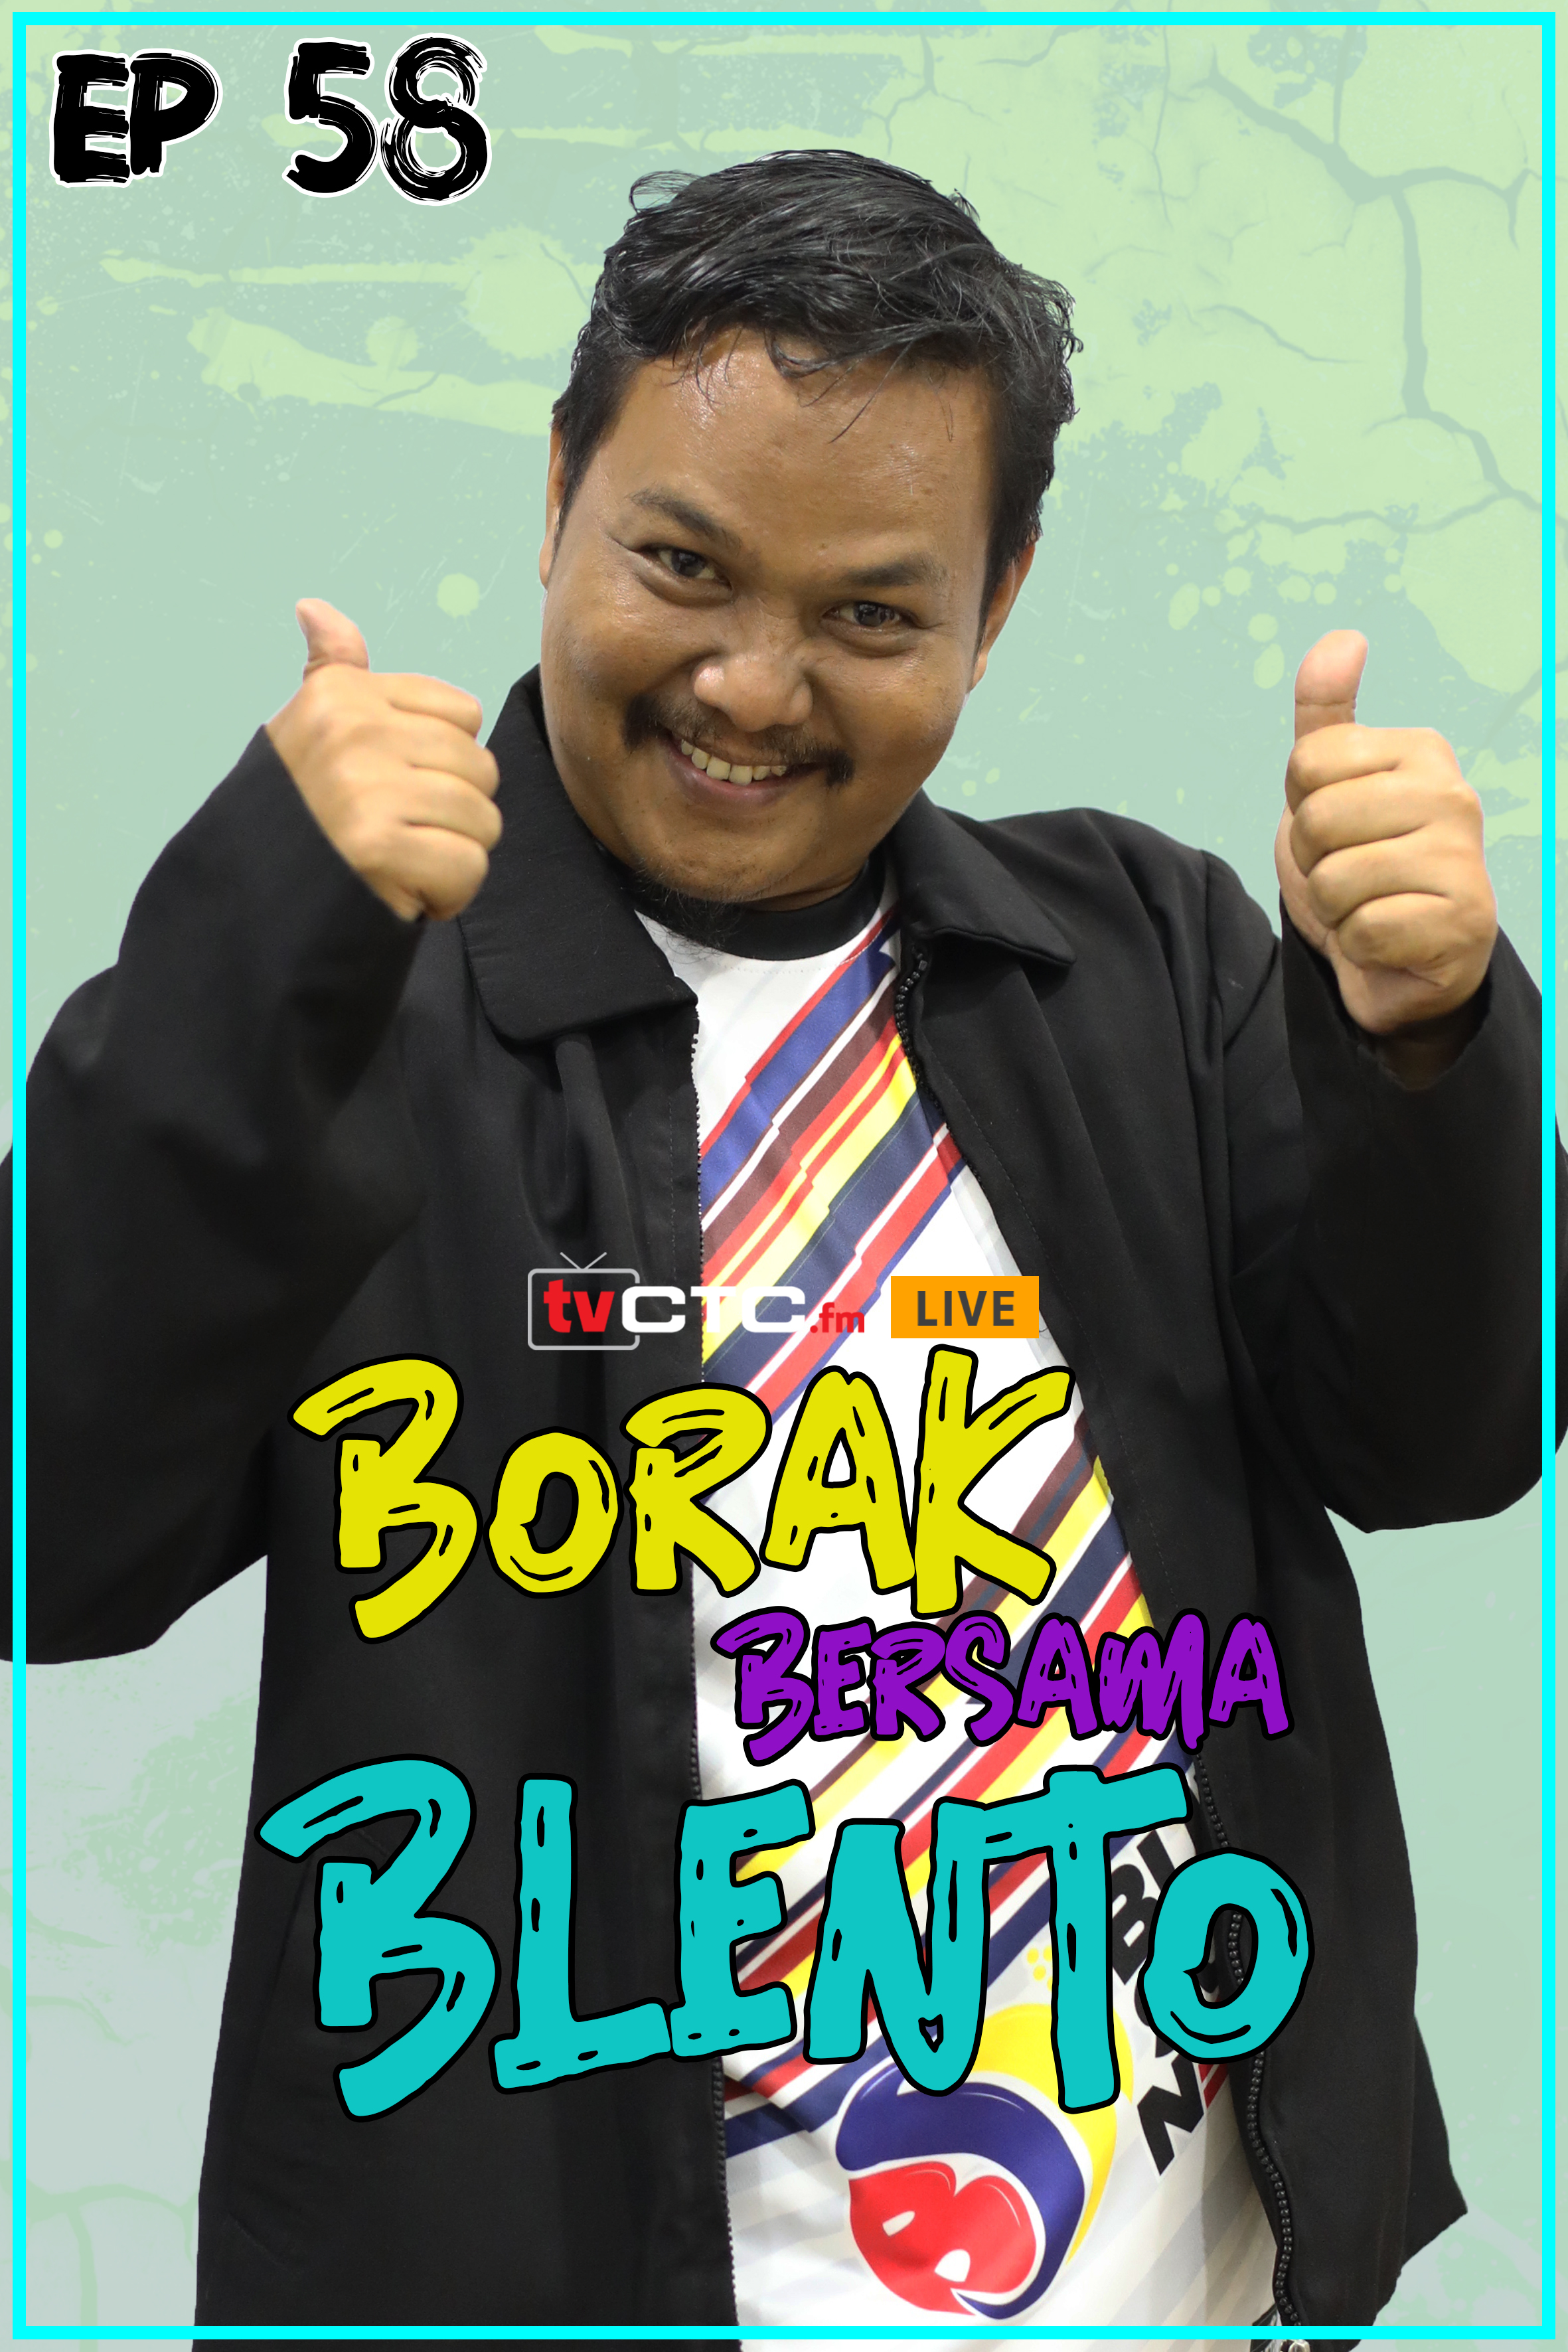 BORAK BERSAMA BLENTO (Episod 58)